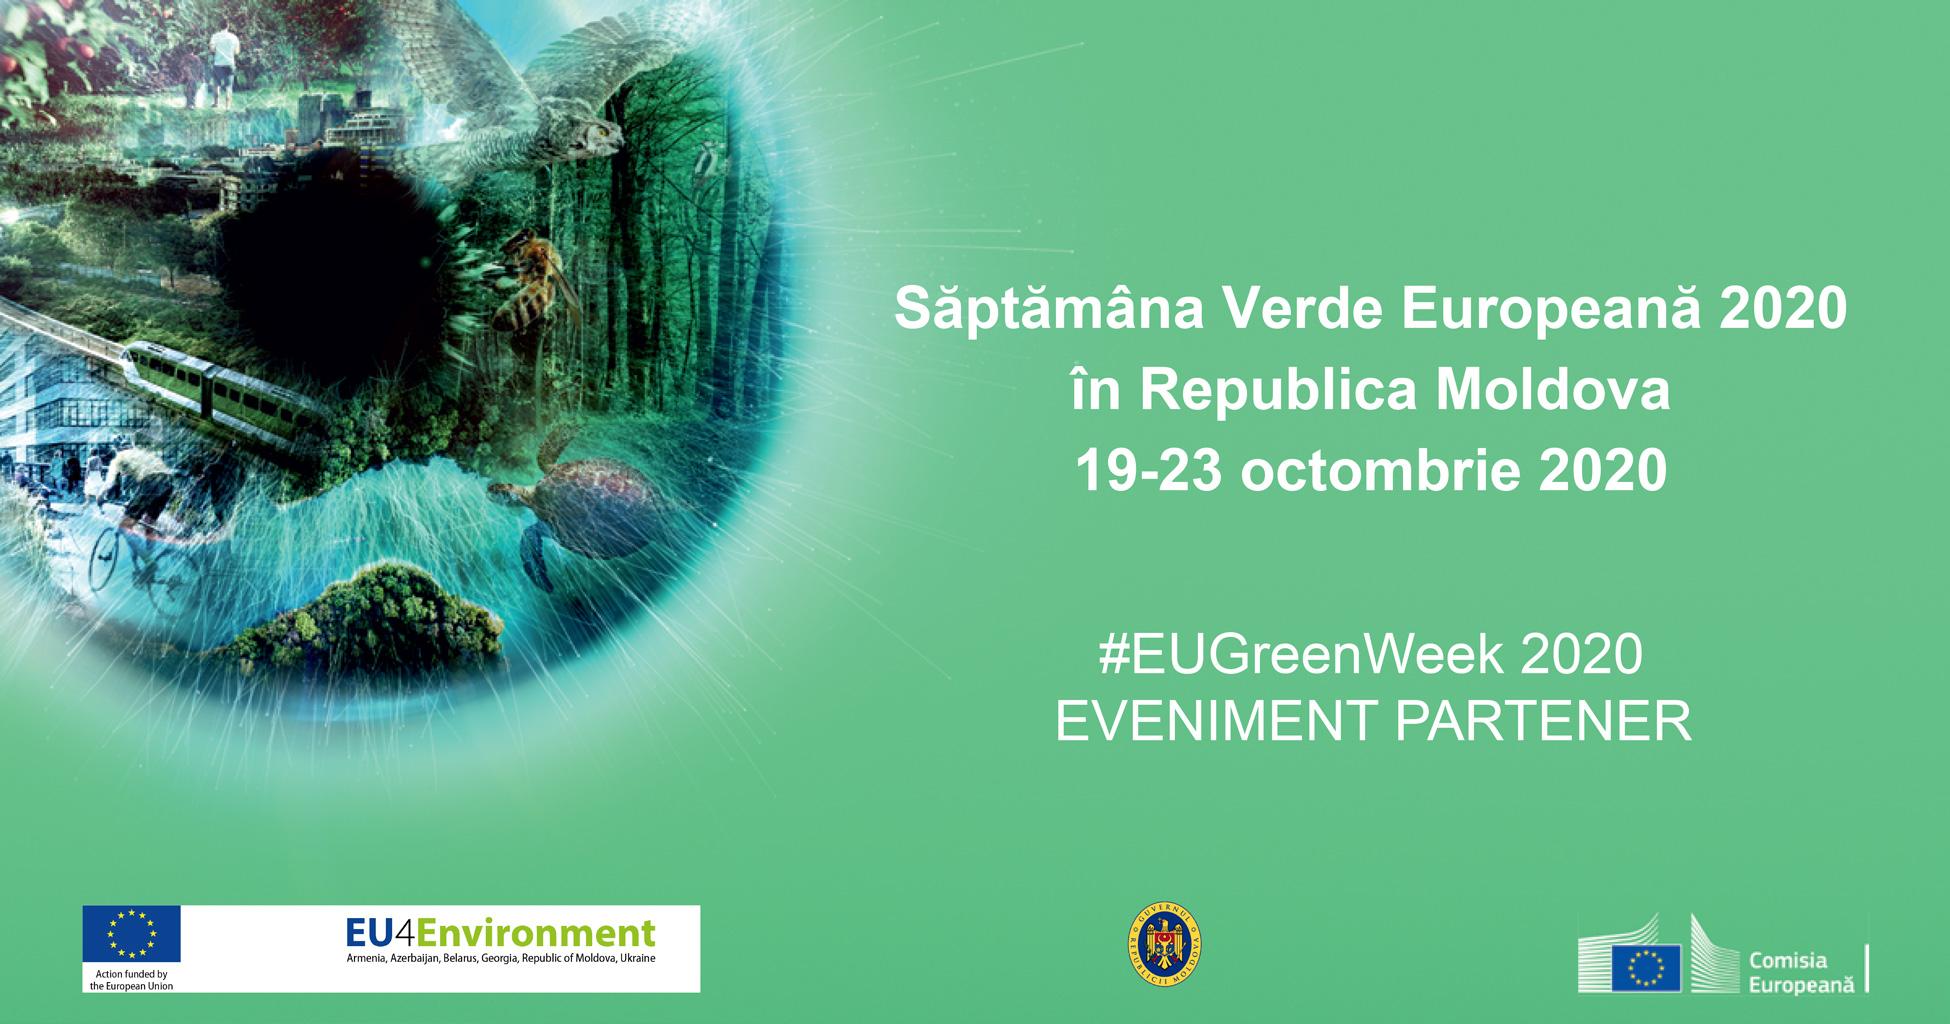 Natura, biodiversitatea și Pactul Verde European celebrate în Săptămâna Verde Europeană